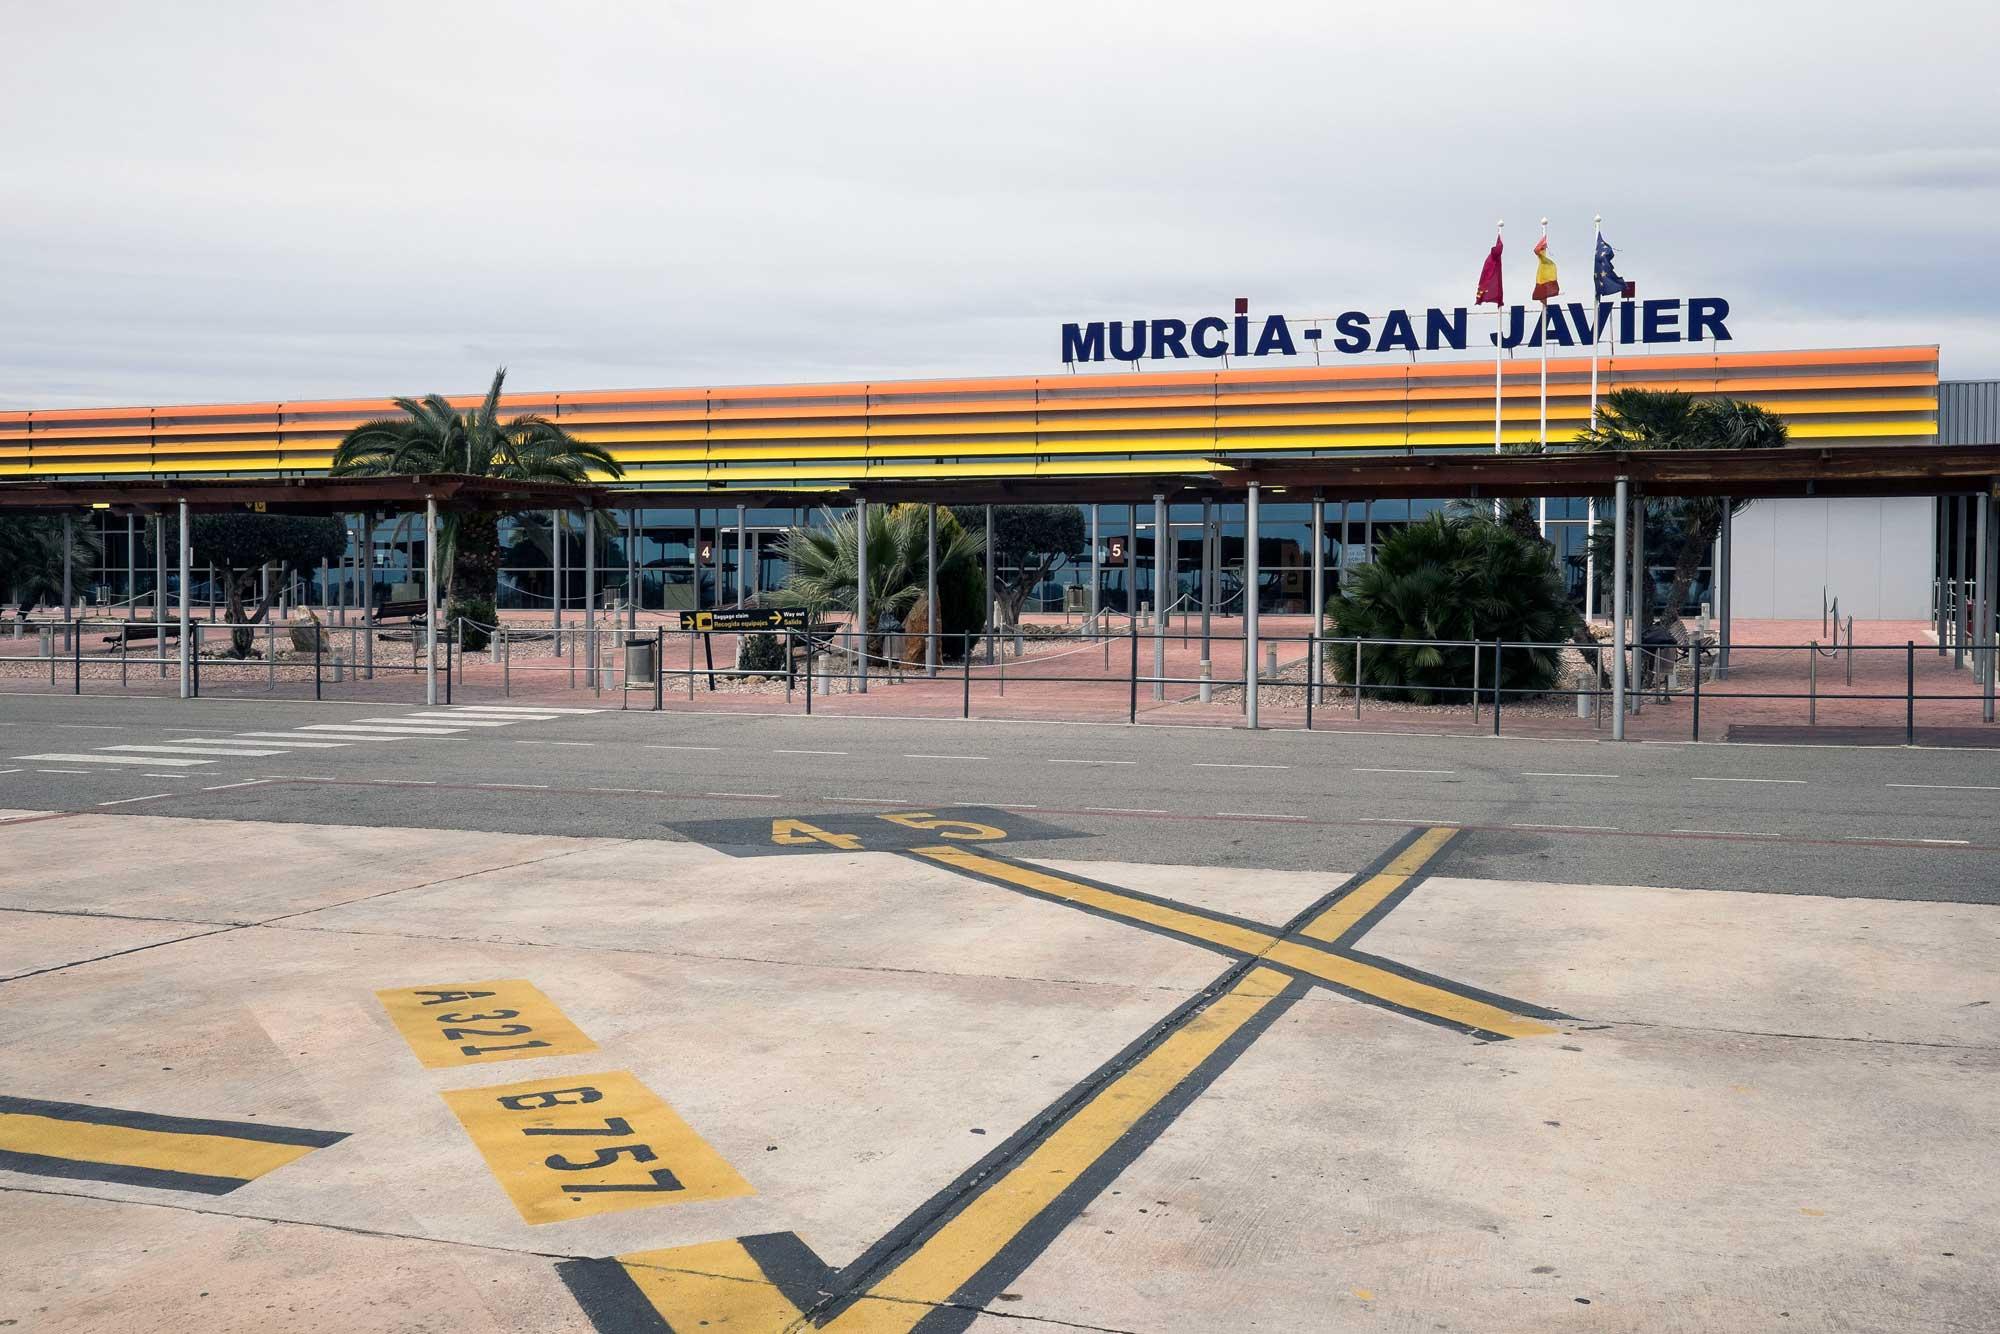 Un aeropuerto español se convertirá en museo de aviación tras su cierre